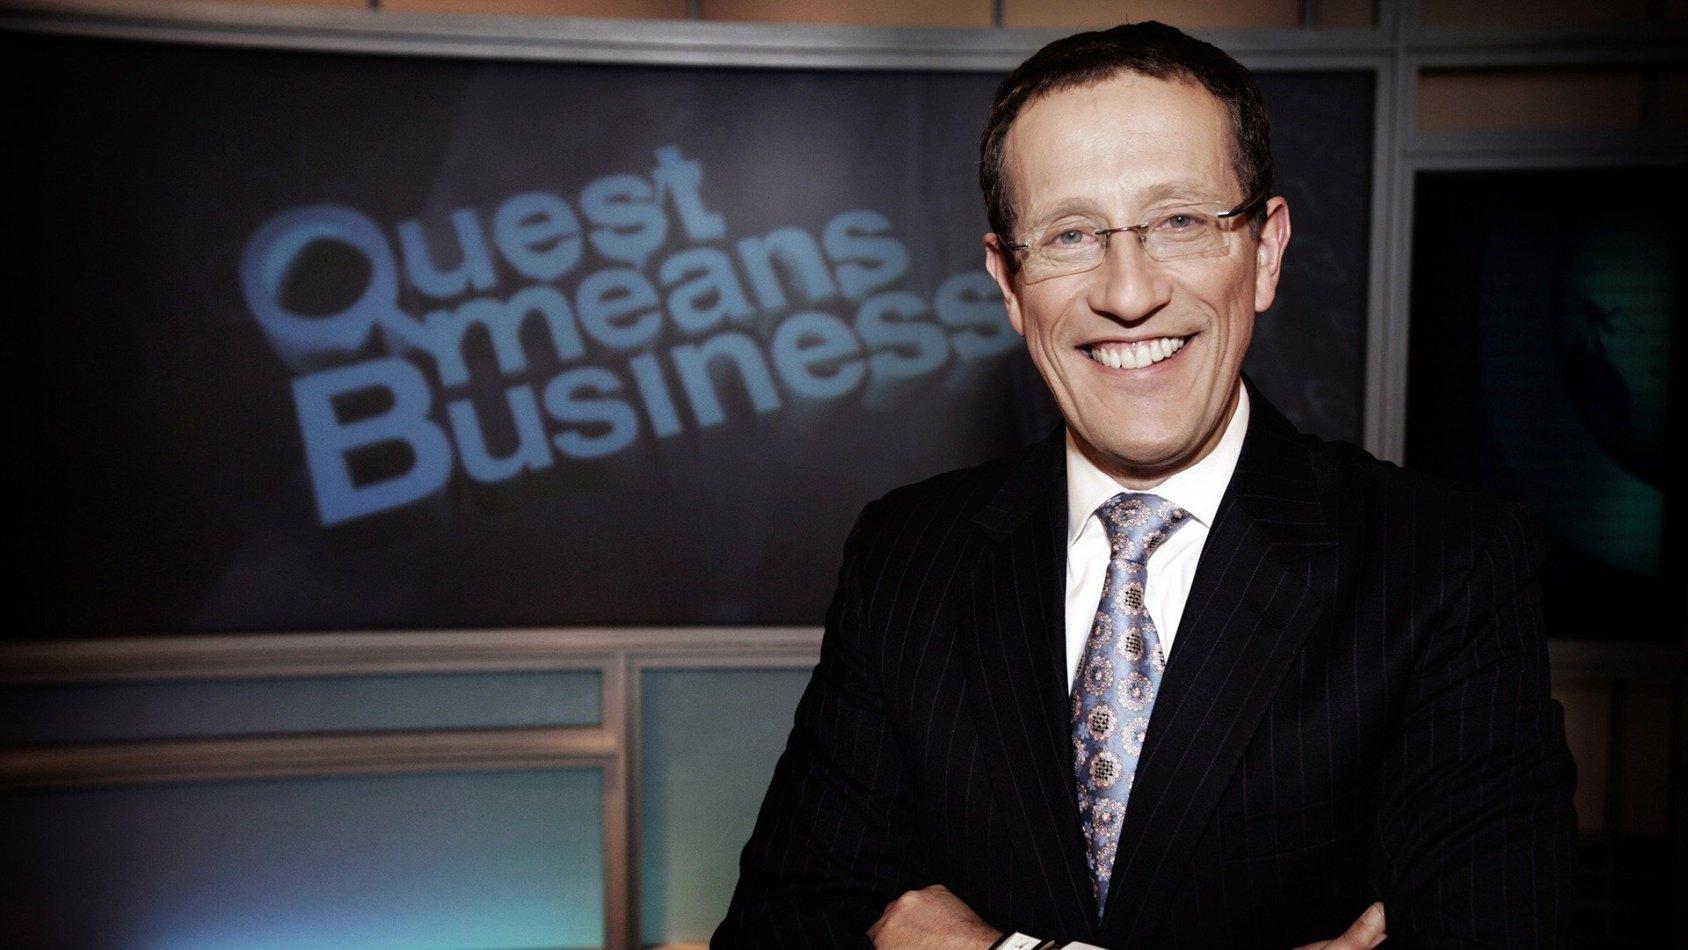 Quest Means Business